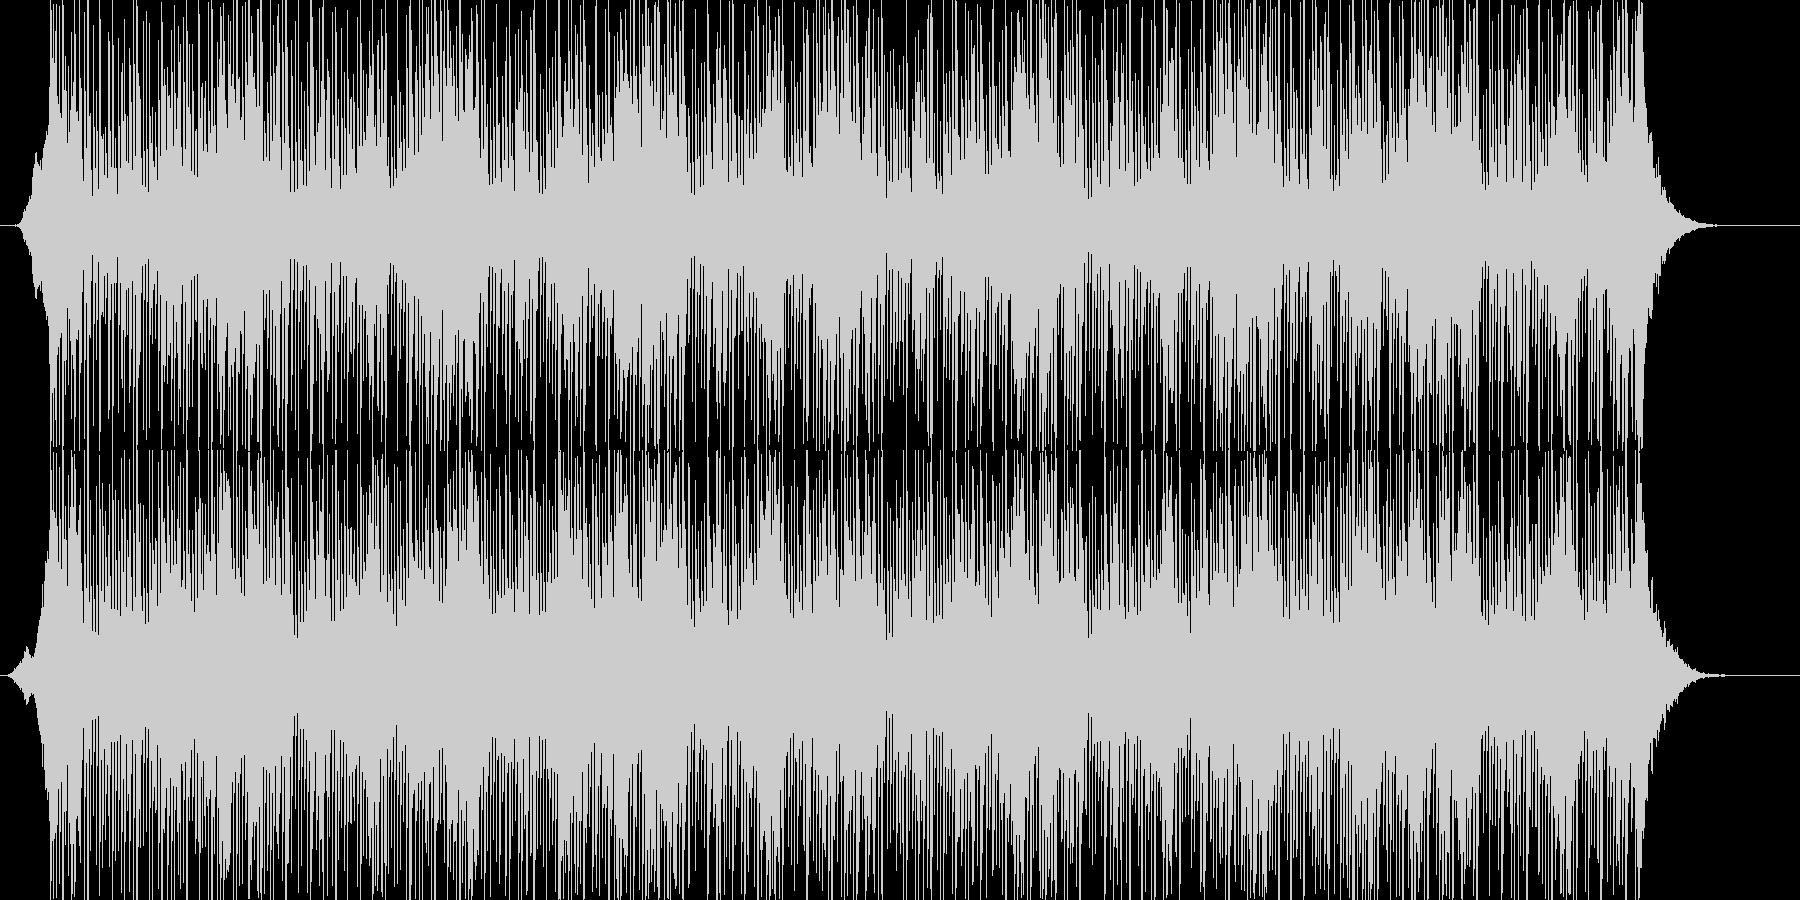 シリアスでダークなアンビエント系の曲の未再生の波形